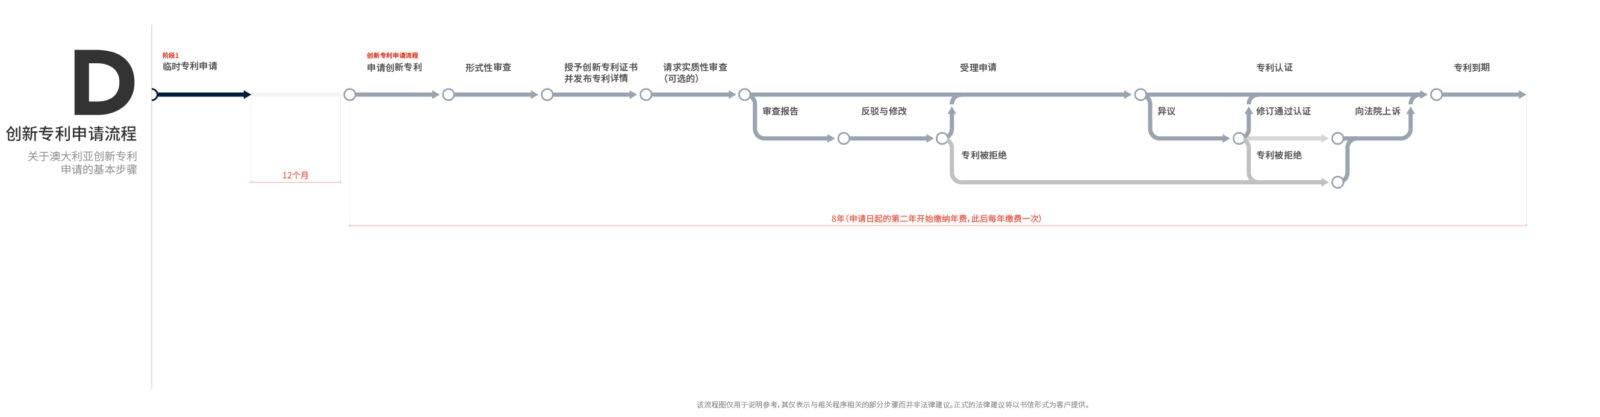 创新专利申请流程